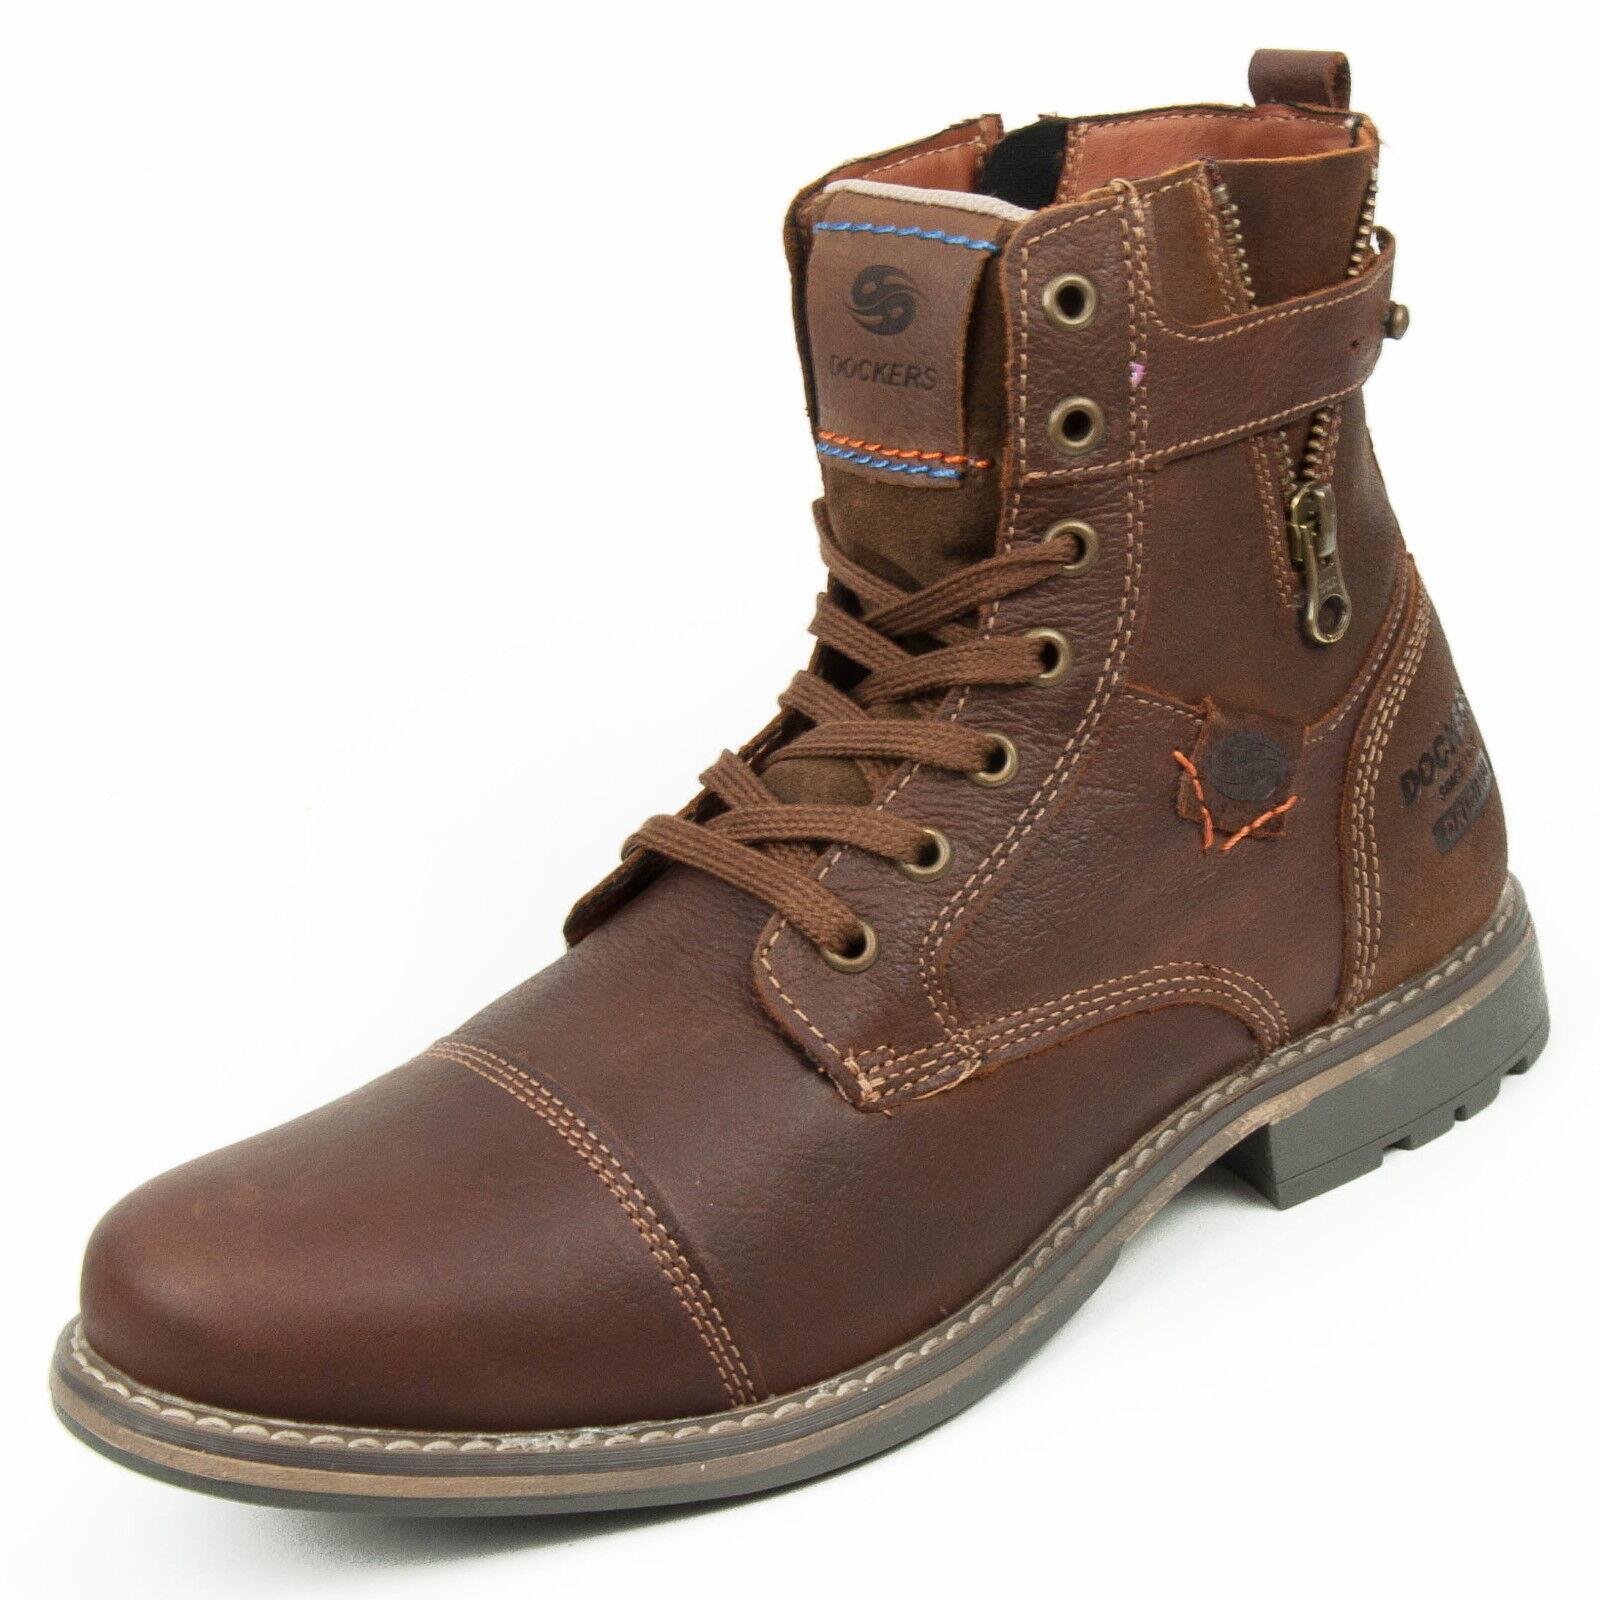 DOCKERS Zapatos Hombre Botas piel marrón (CIERVO) 355223-239051 355223-239051 355223-239051 9fbf1e